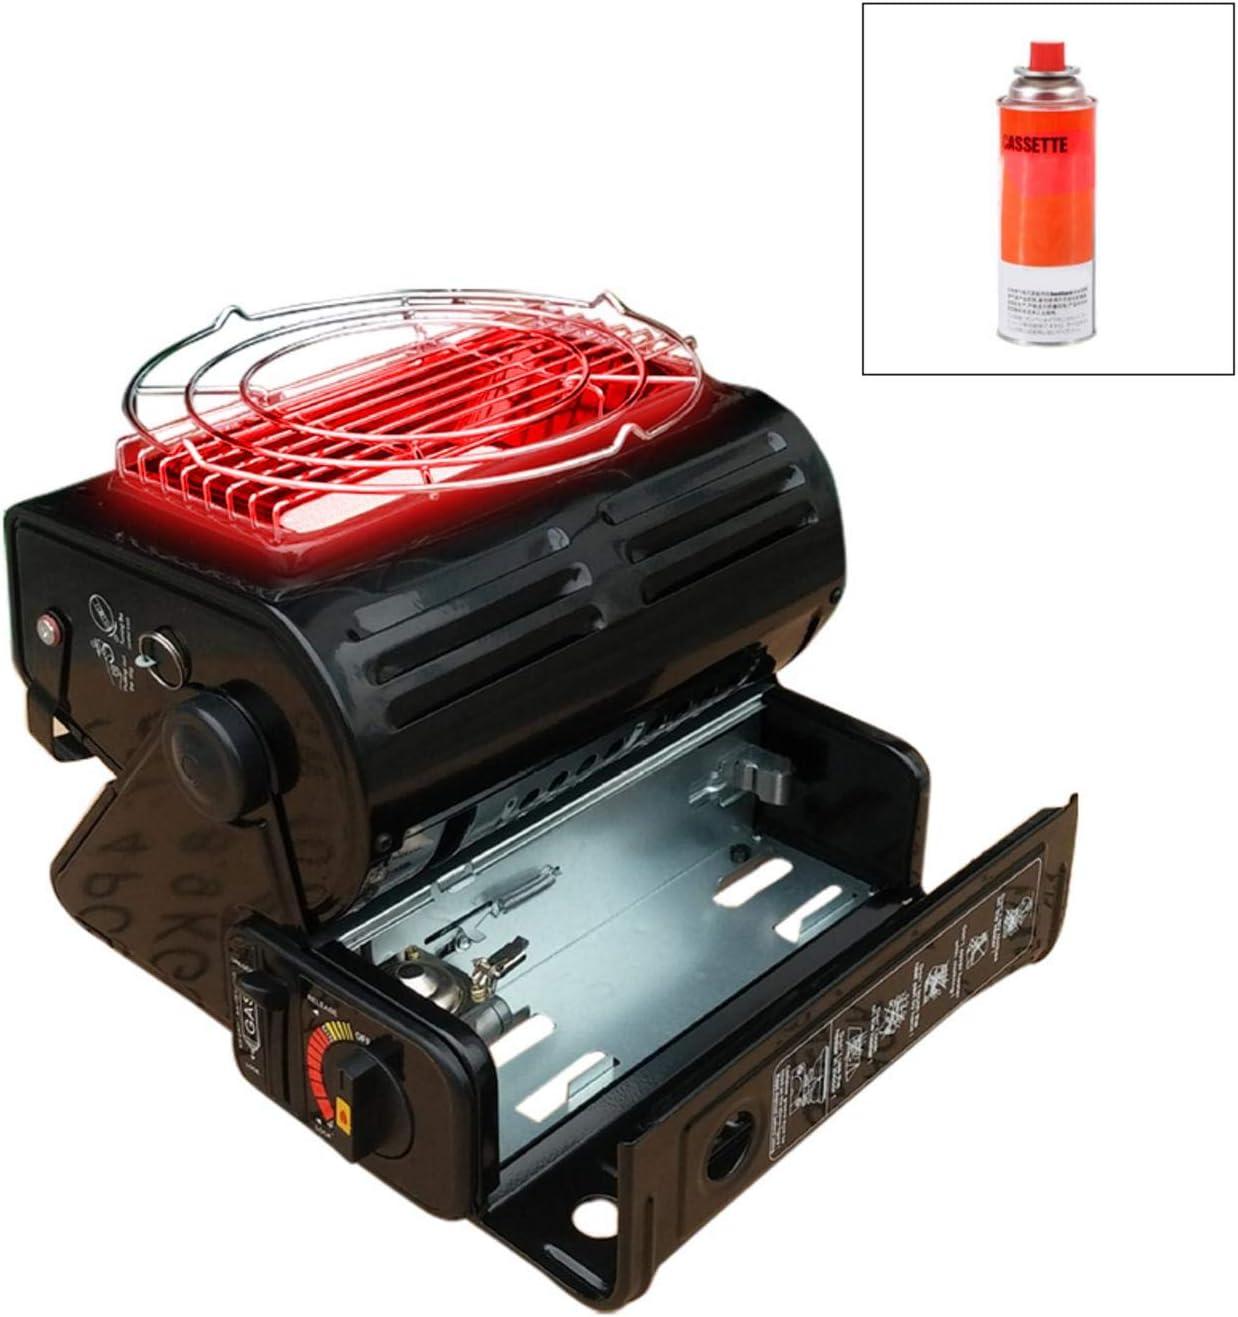 Dream-cool - Calentador de Gas butano, Calentador de Aire Libre, portátil, Calentador de Gas, Camping y butano, para Picnic, Viajes, reuniones ...